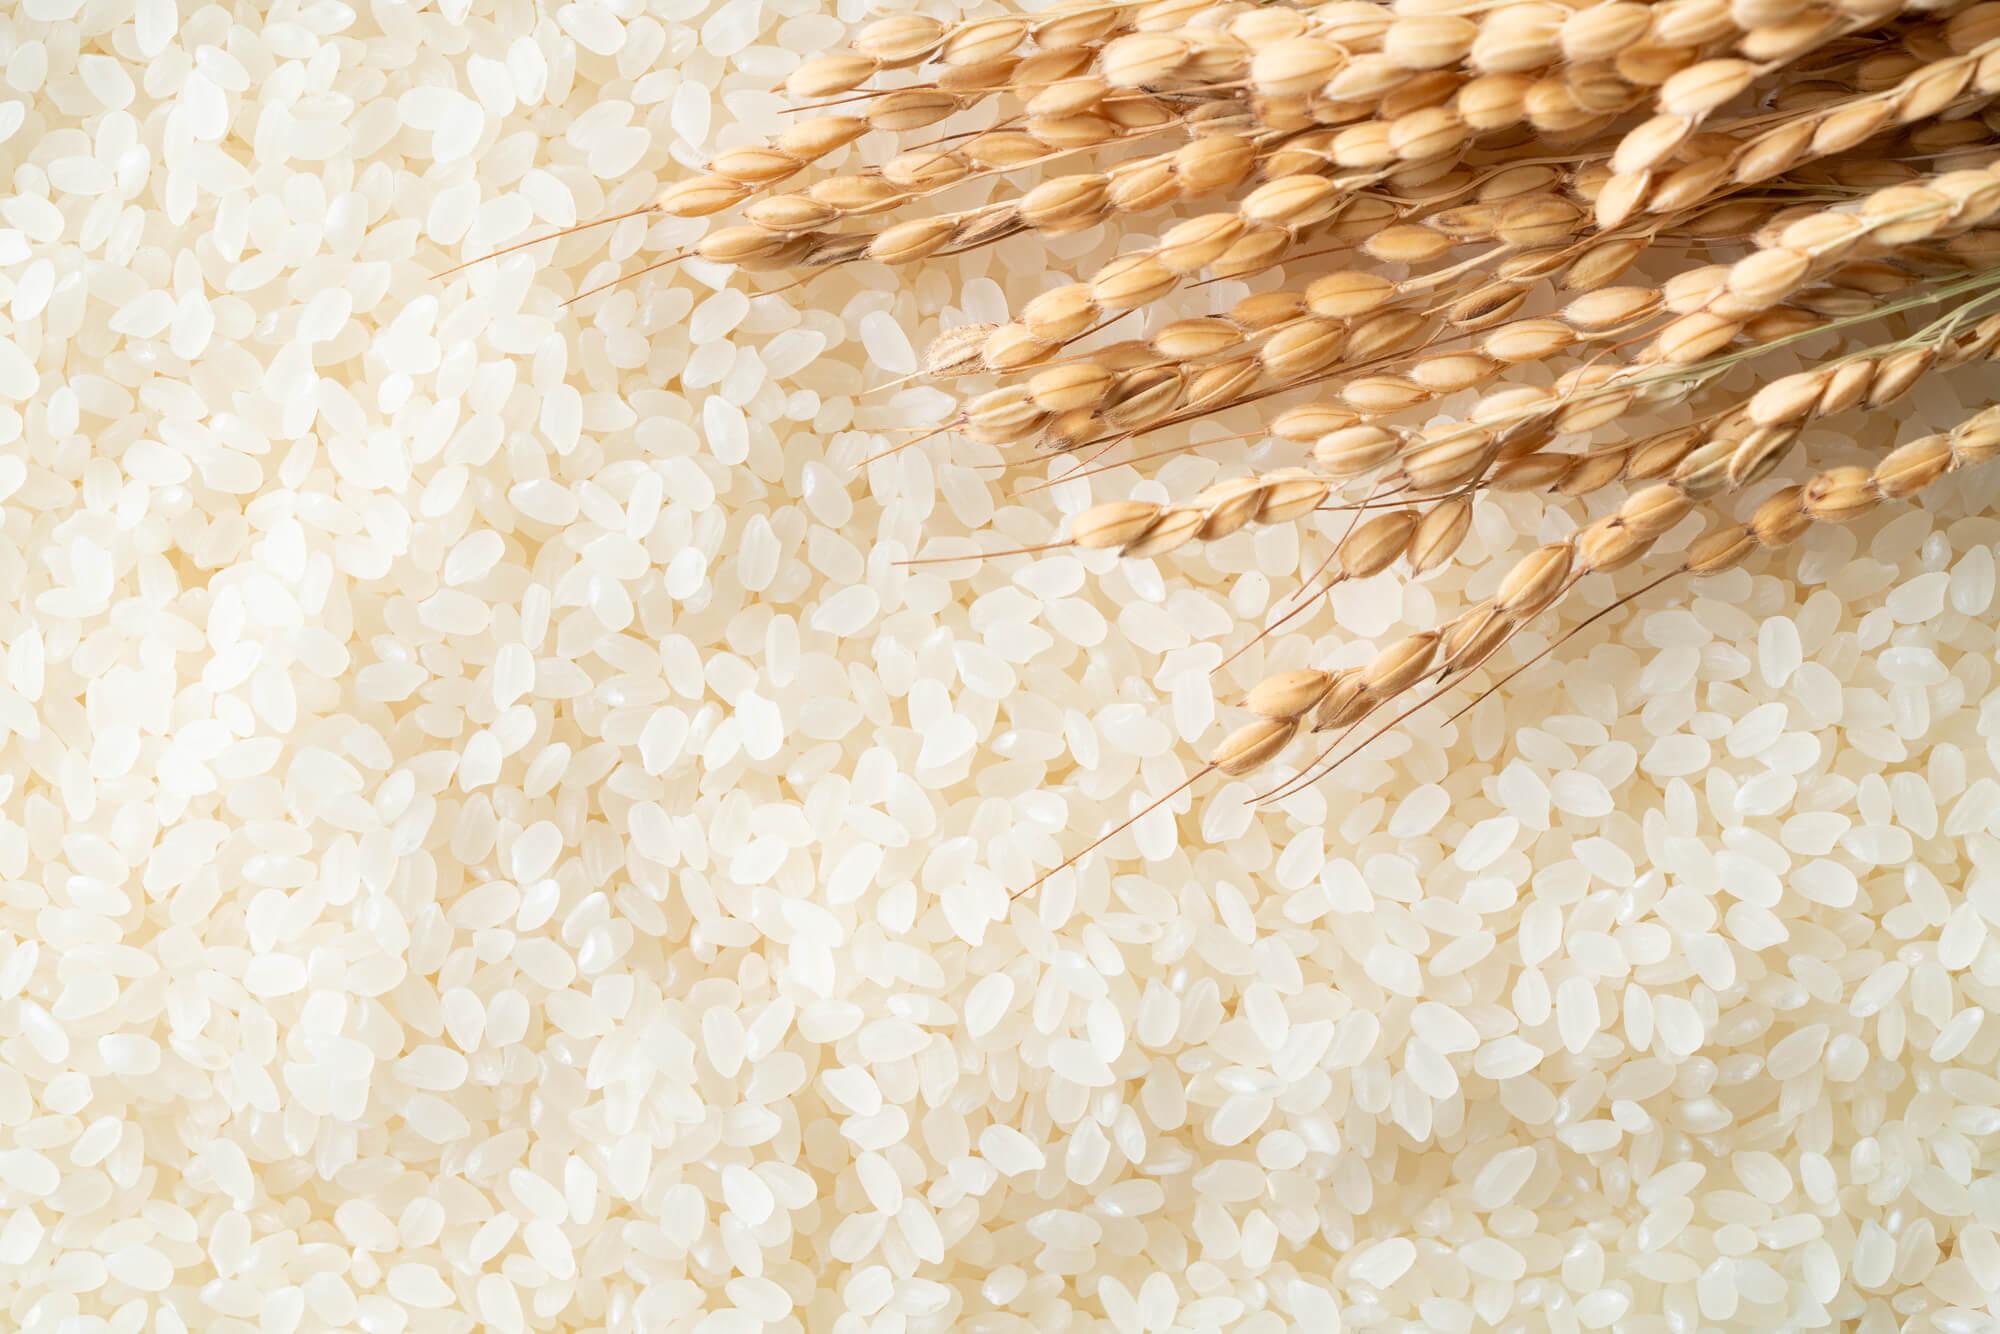 お米が黒っぽい…食べても大丈夫?